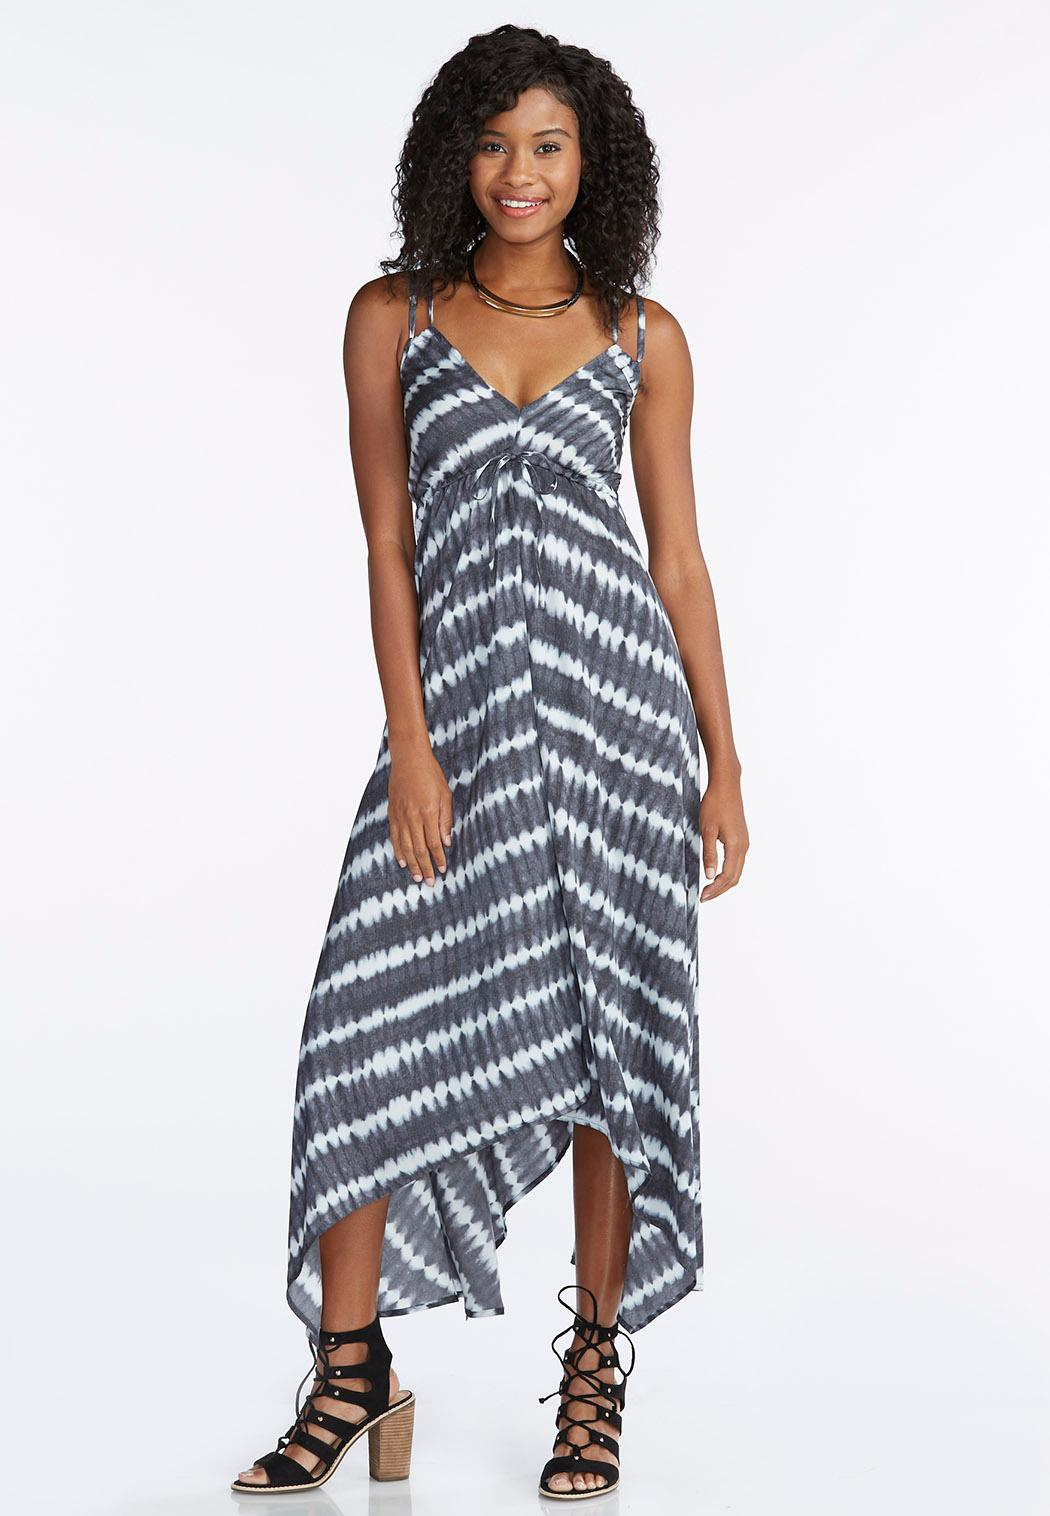 Plus Size Maxi Dresses | Cato Fashions